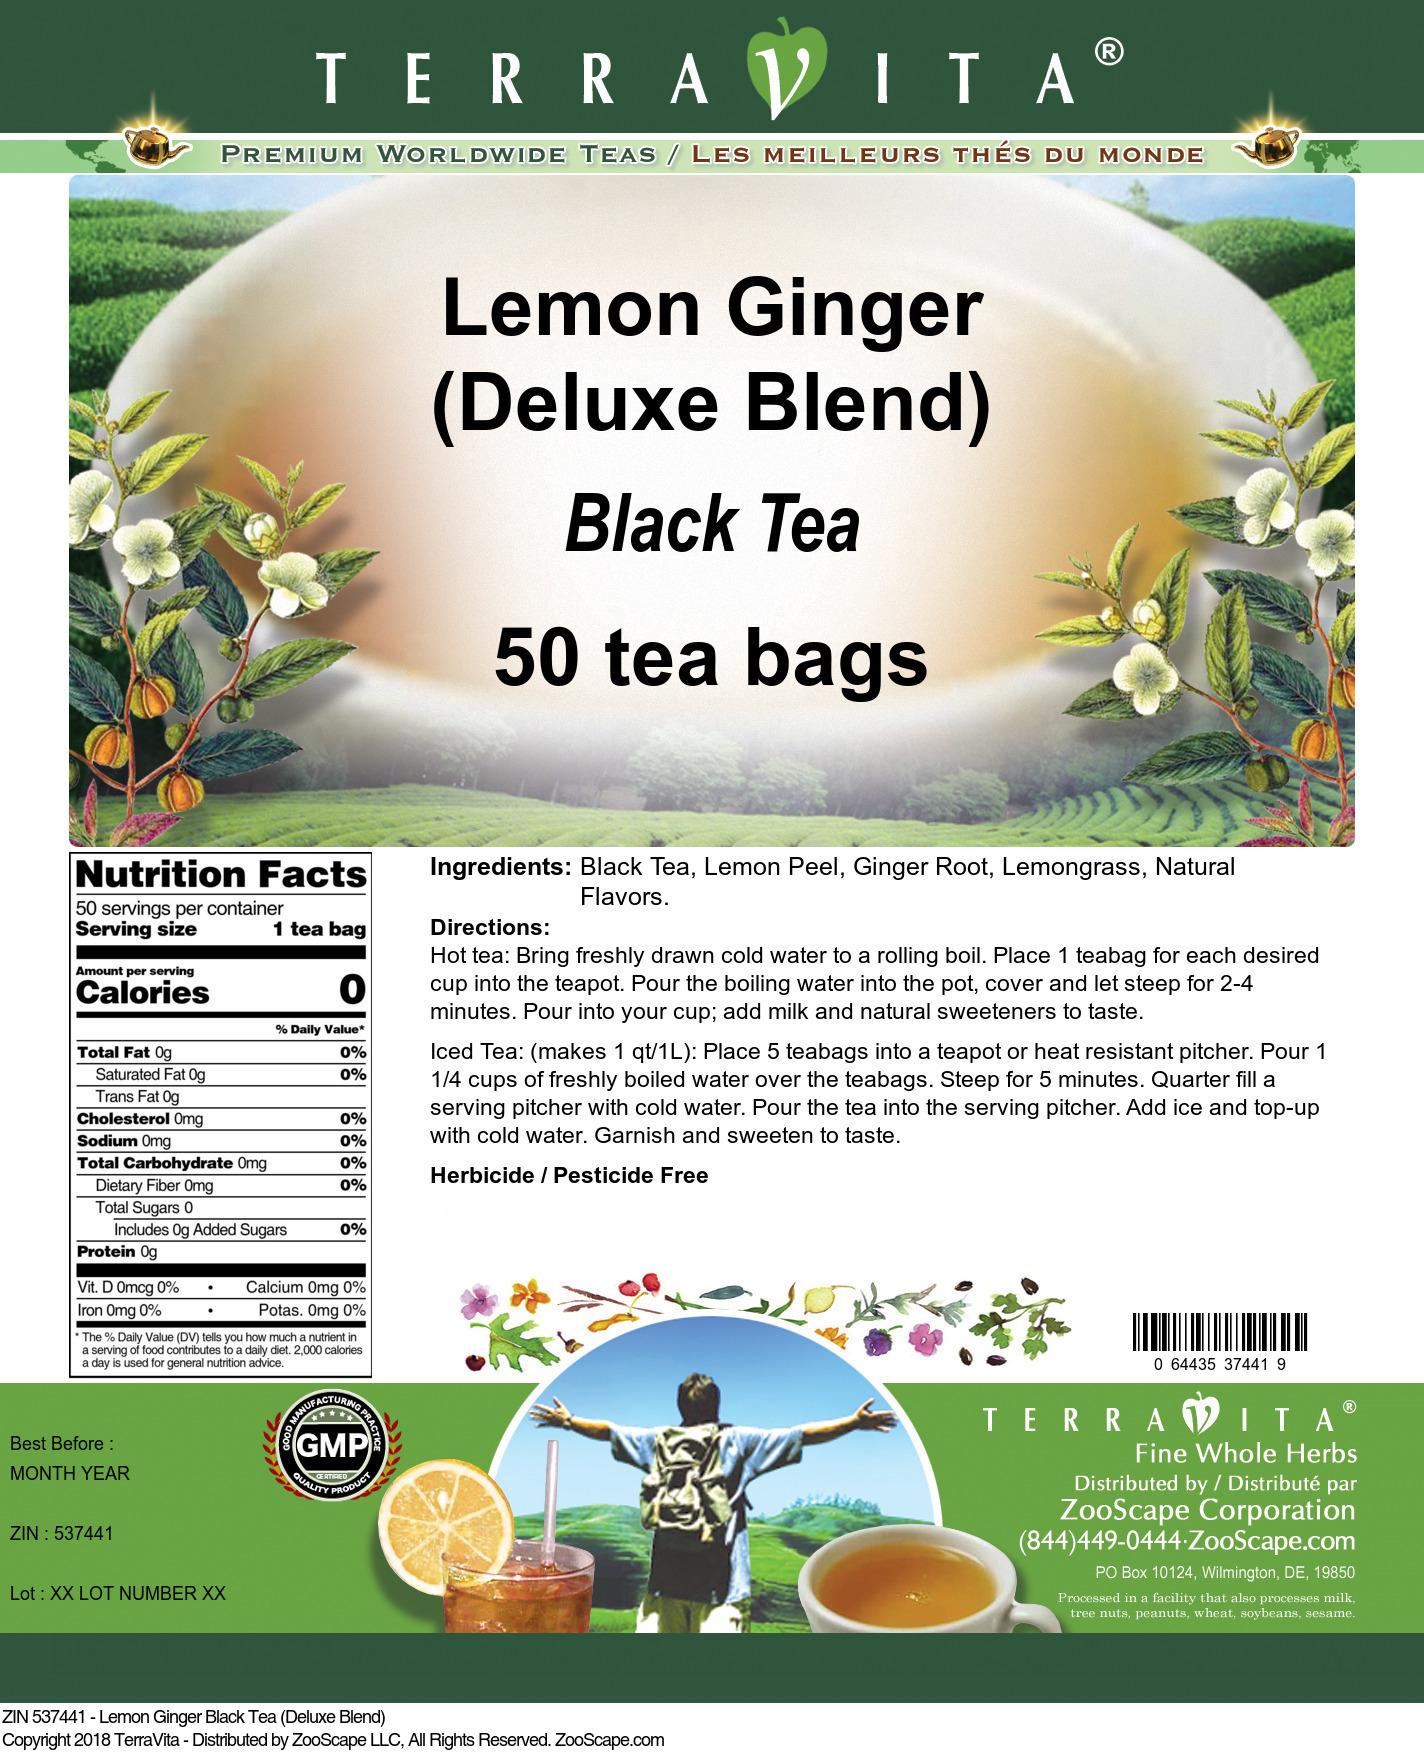 Lemon Ginger Black Tea (Deluxe Blend)